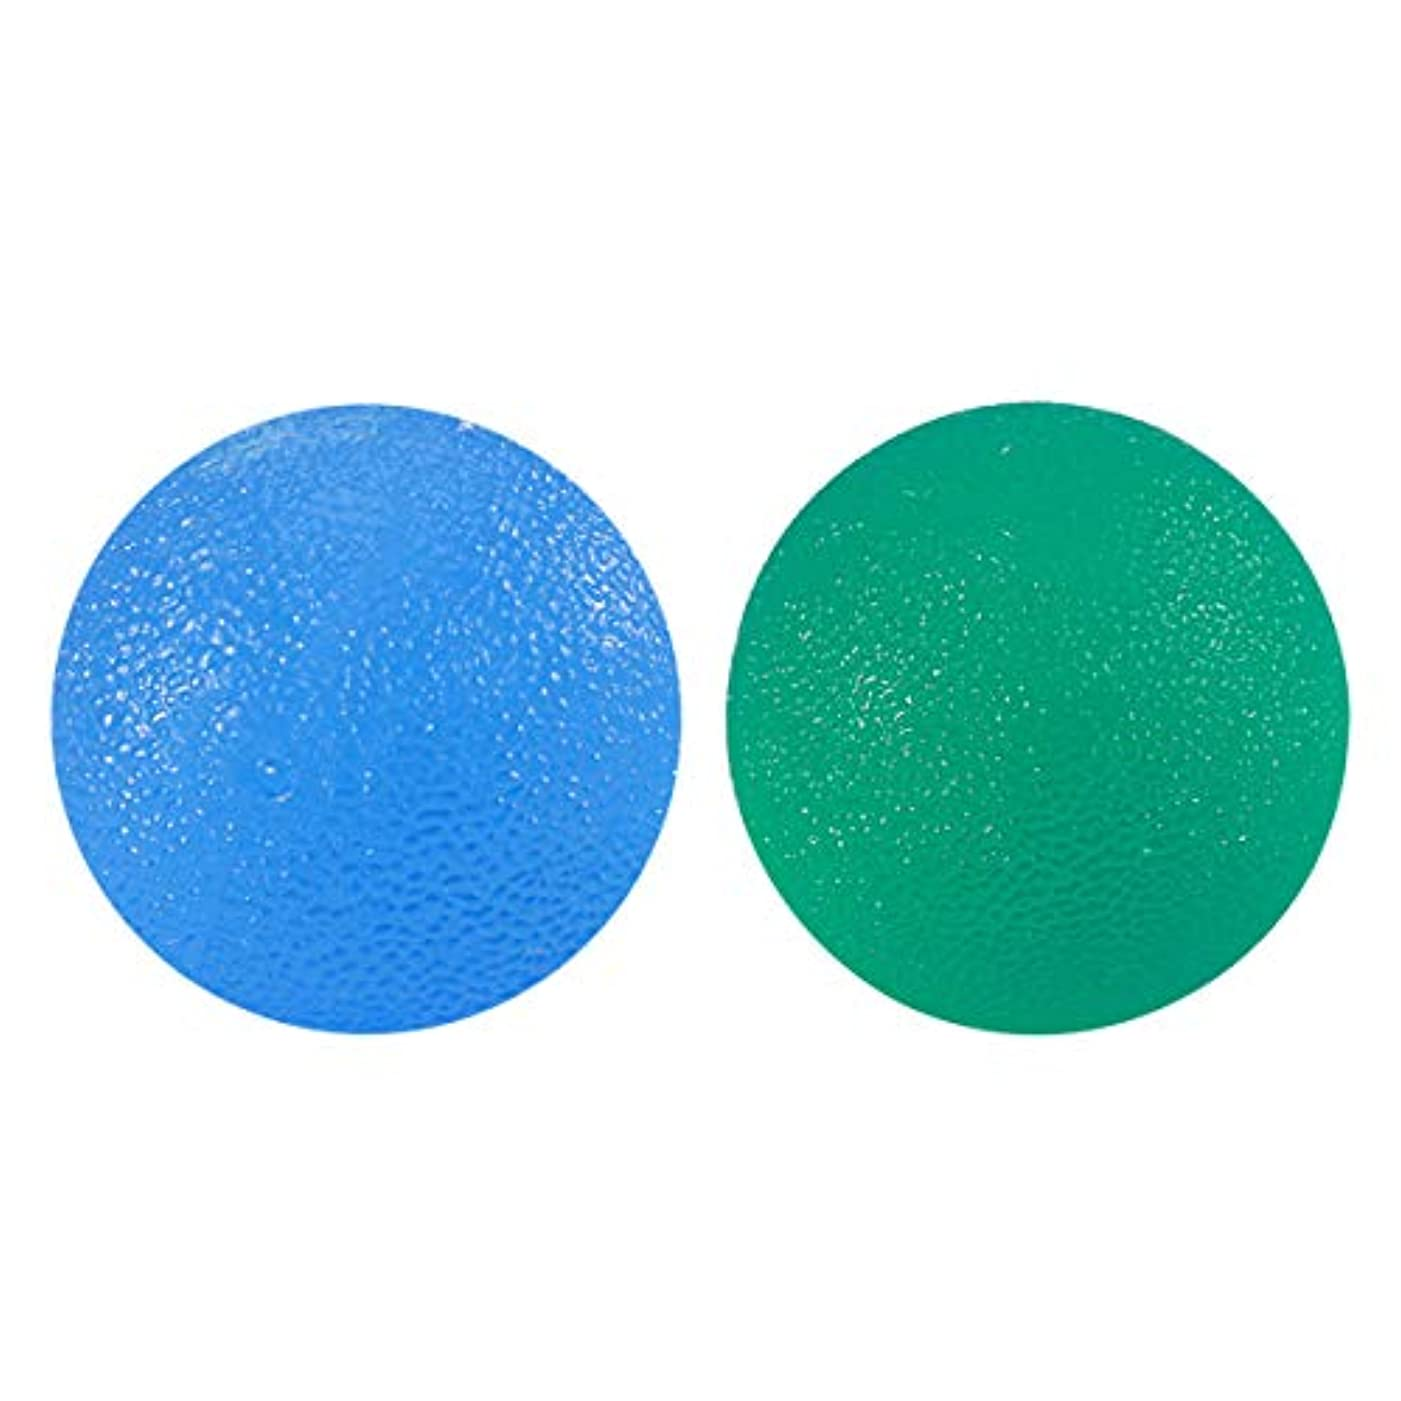 引き金転用間欠SUPVOX マッサージボール ストレッチボール 筋膜リリース ツボ押し トレーニング 健康器具 血行促進2個入(緑と青)